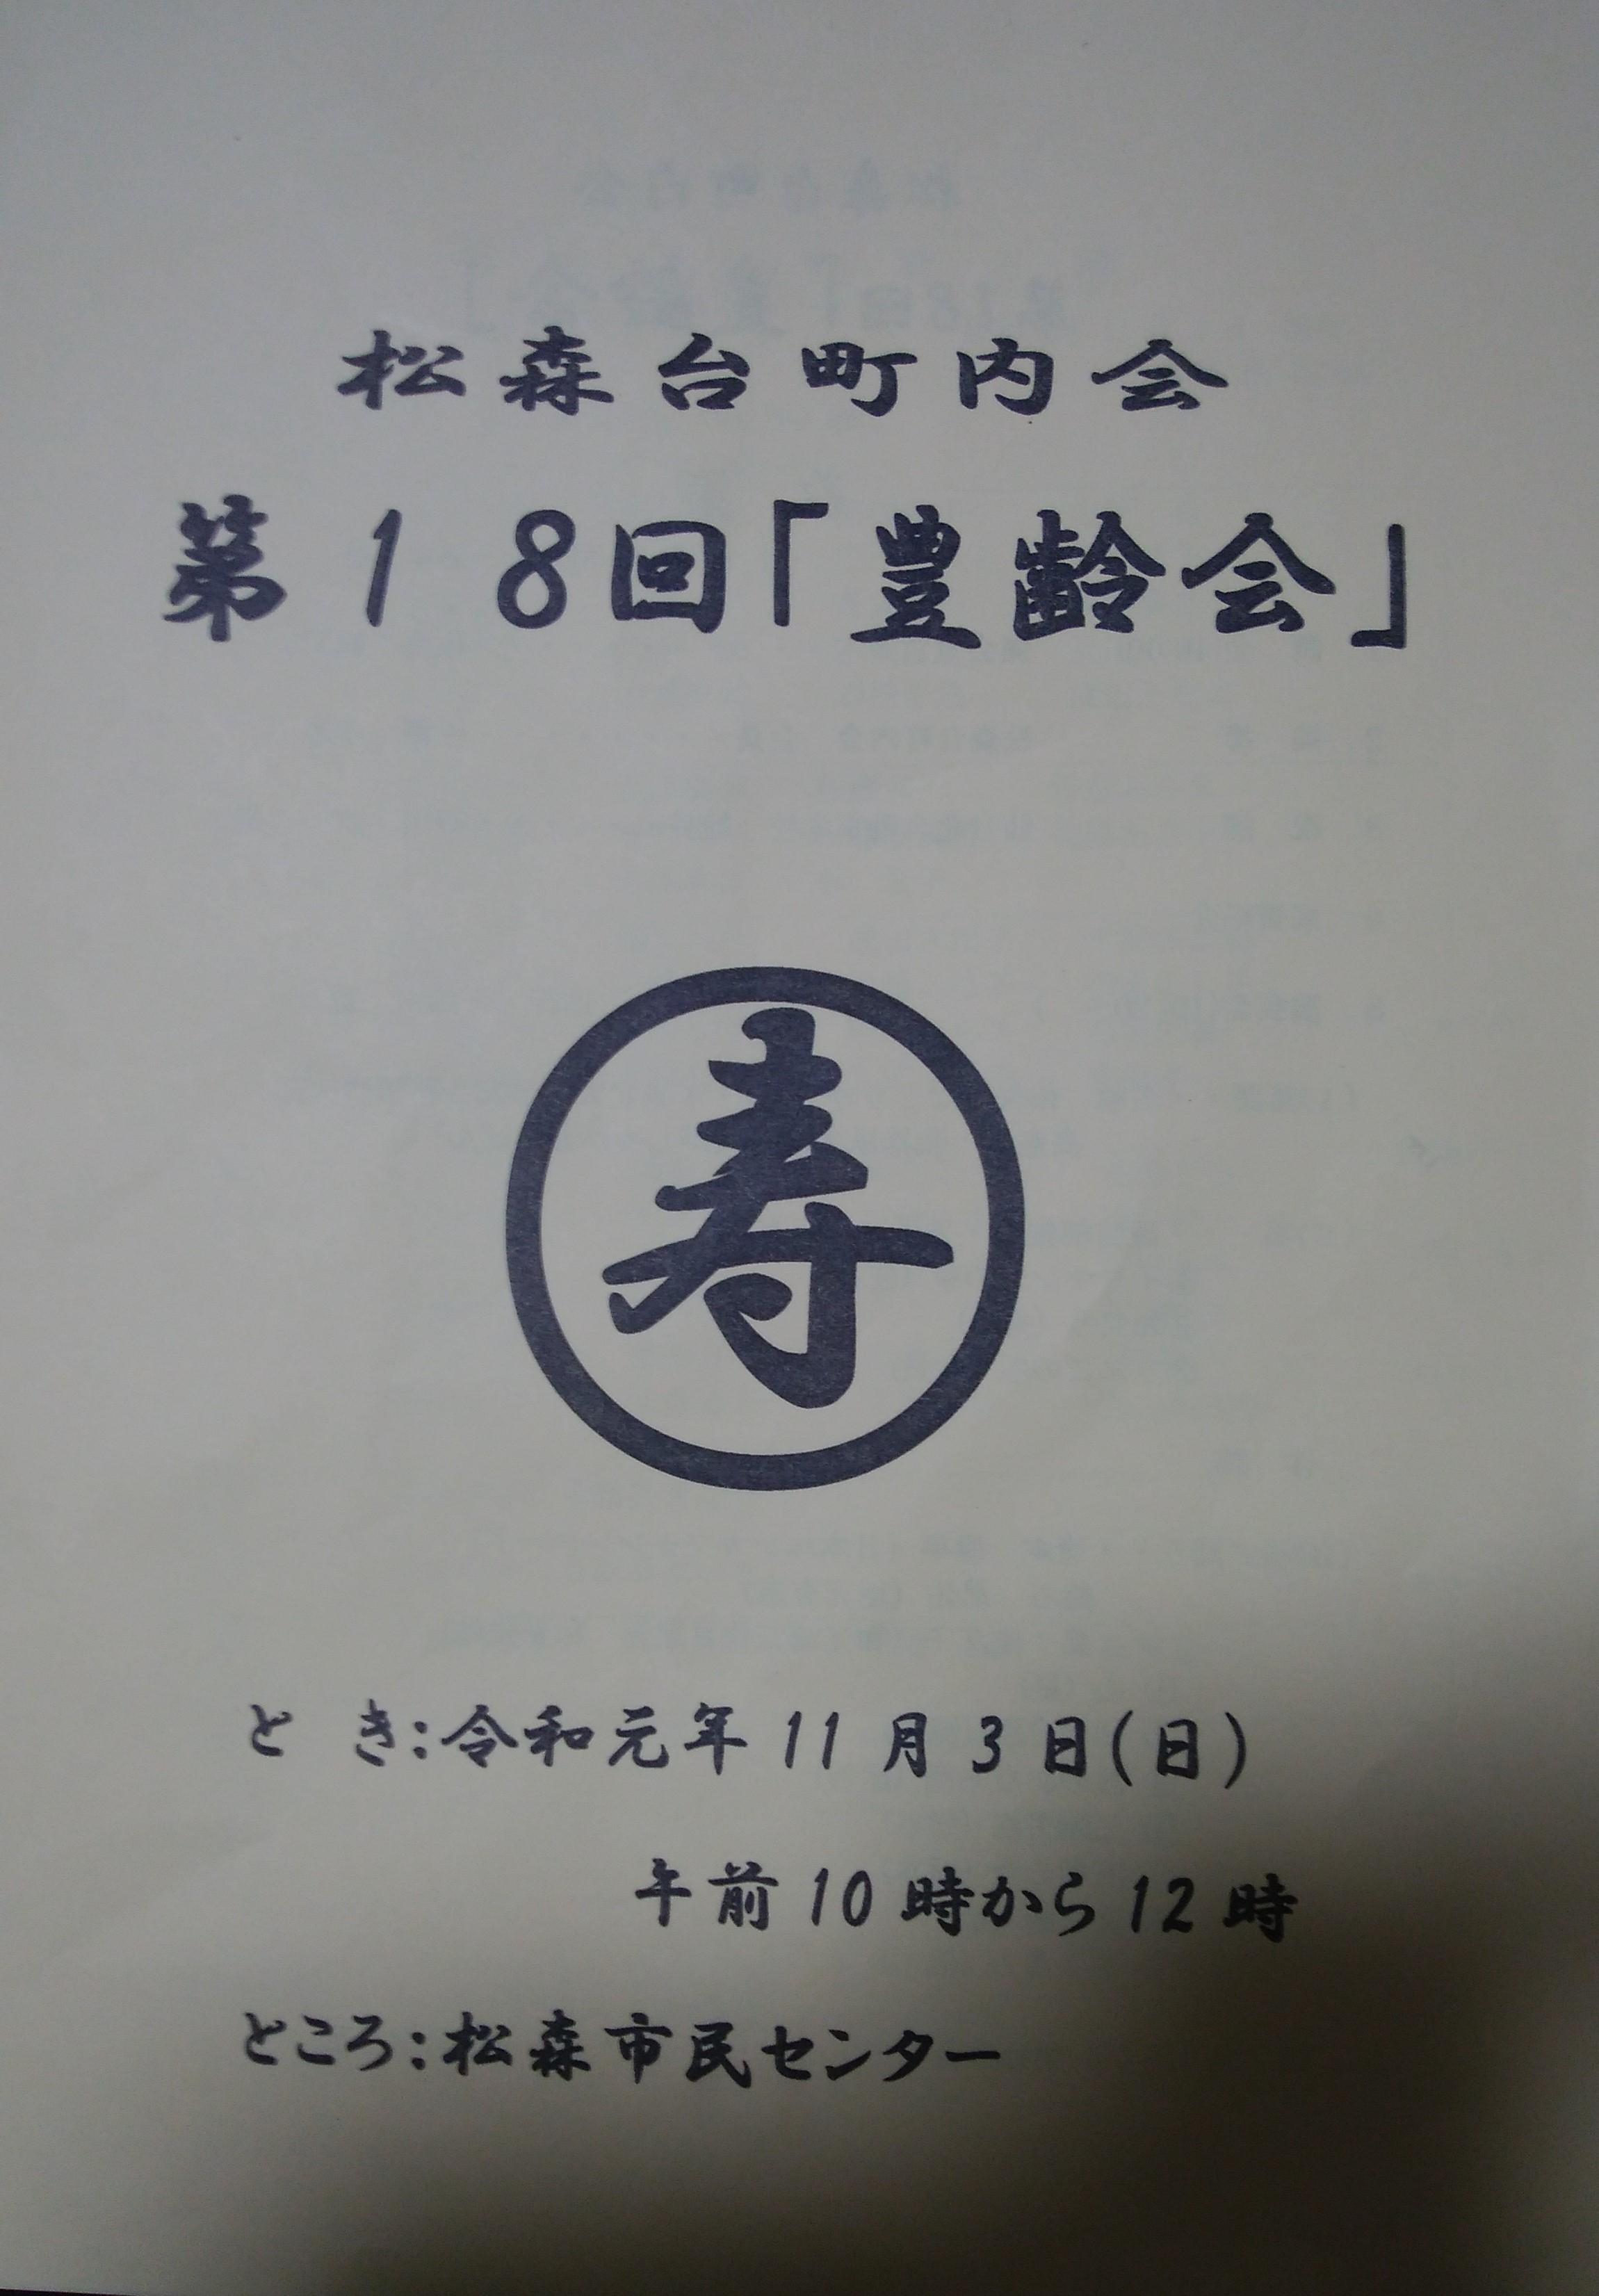 11月3日出前 プログラム